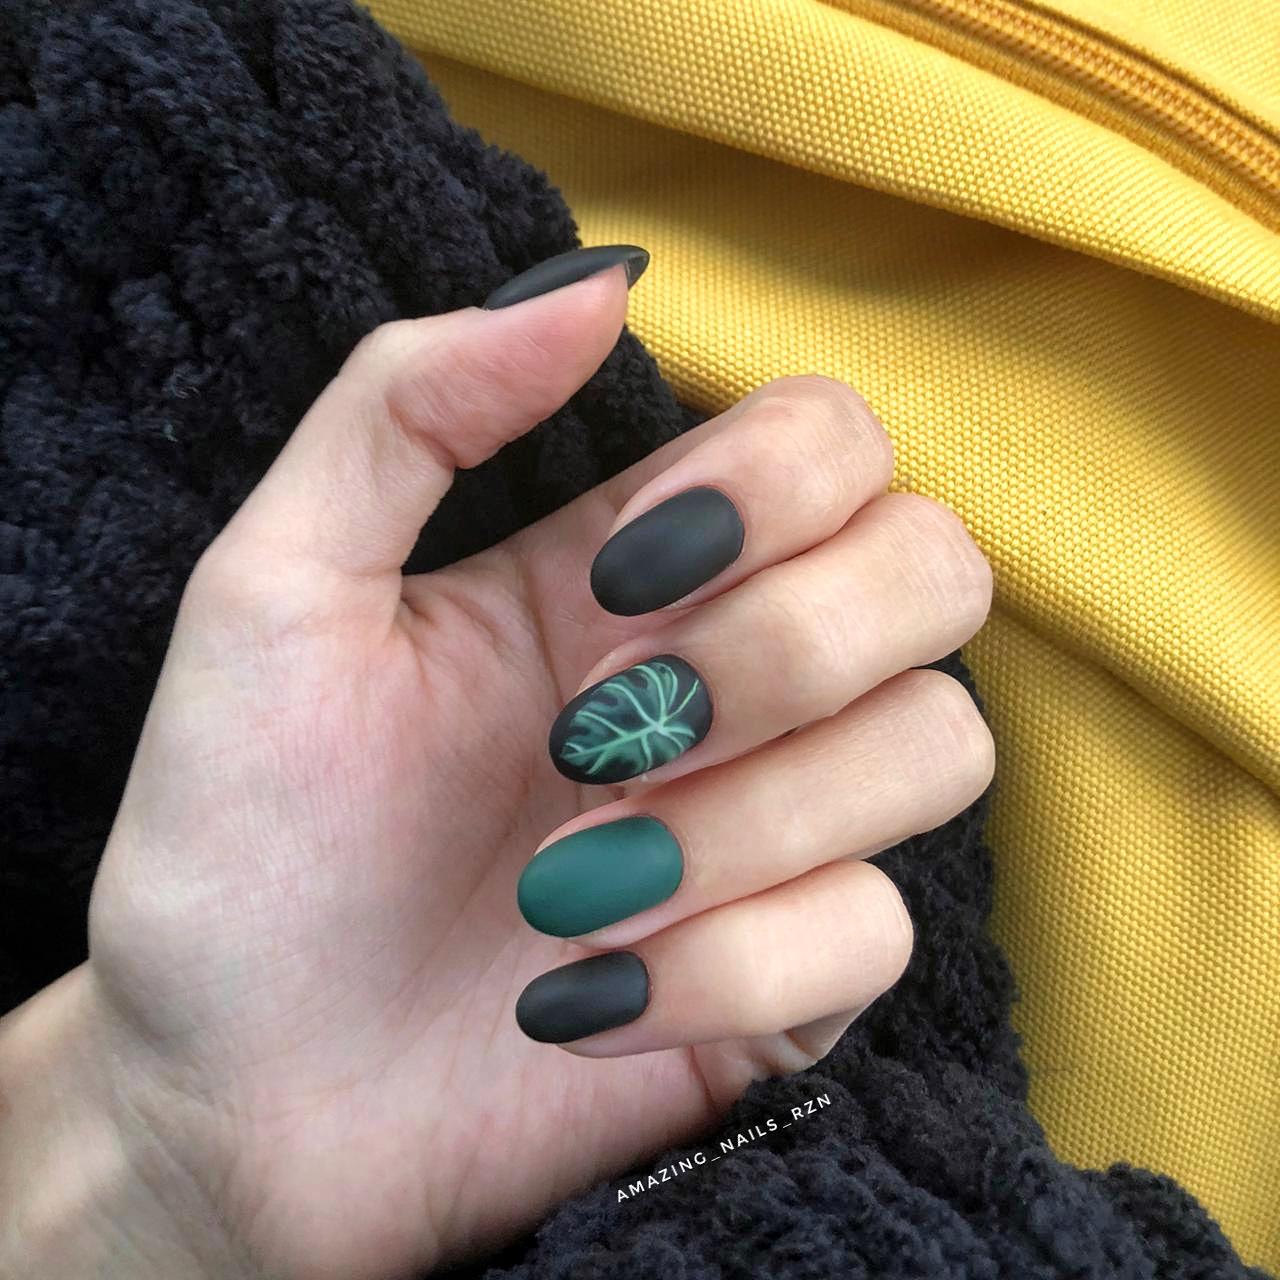 Матовый маникюр в чёрном цвете с тёмно-зелёным дизайном и растительным слайдером.